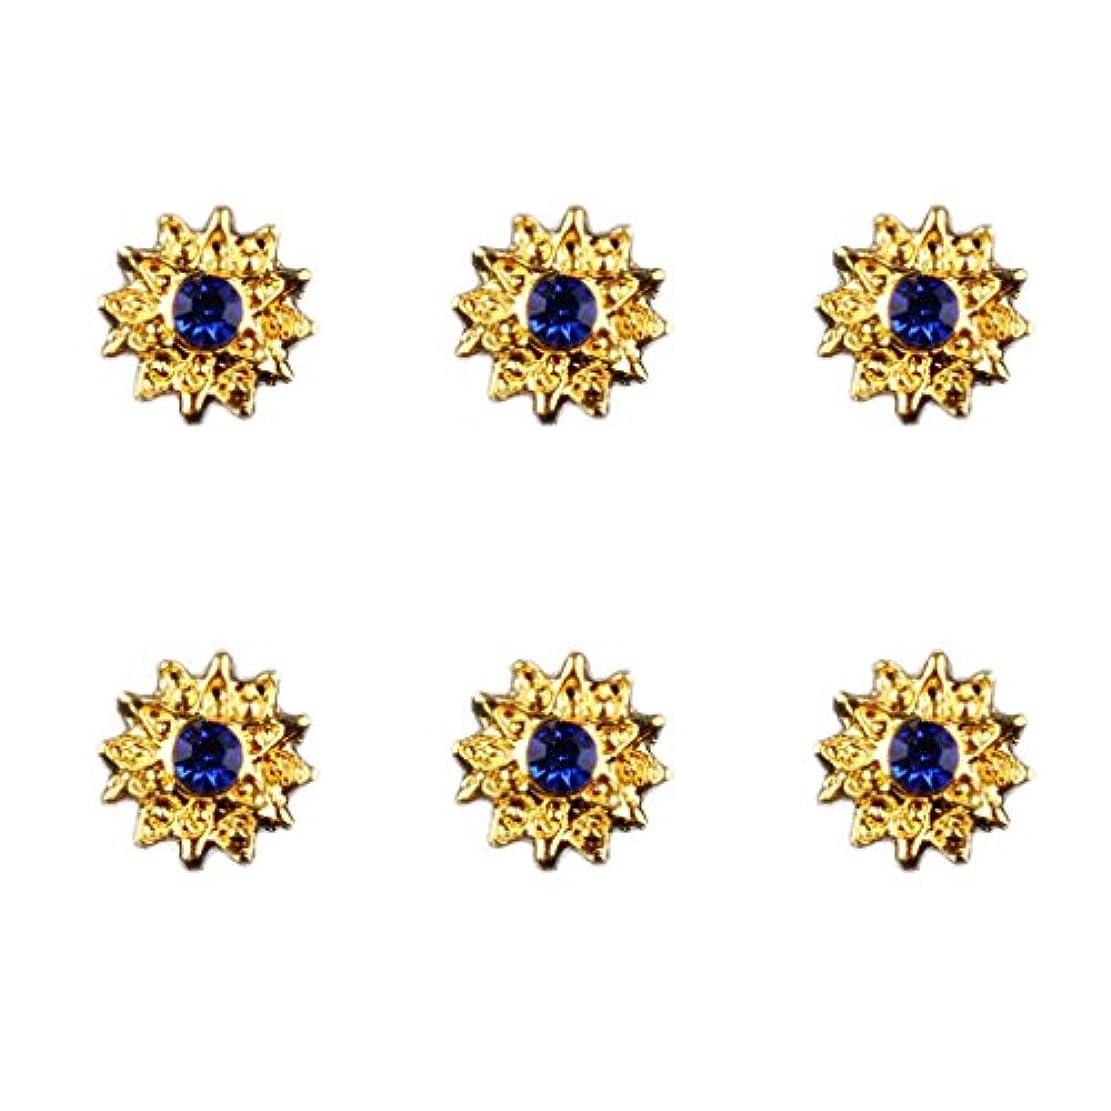 通り抜けるディスコ通訳約50個入り マニキュア ダイヤモンド 3Dネイルアート ヒントステッカー 装飾 全8種類 - 6